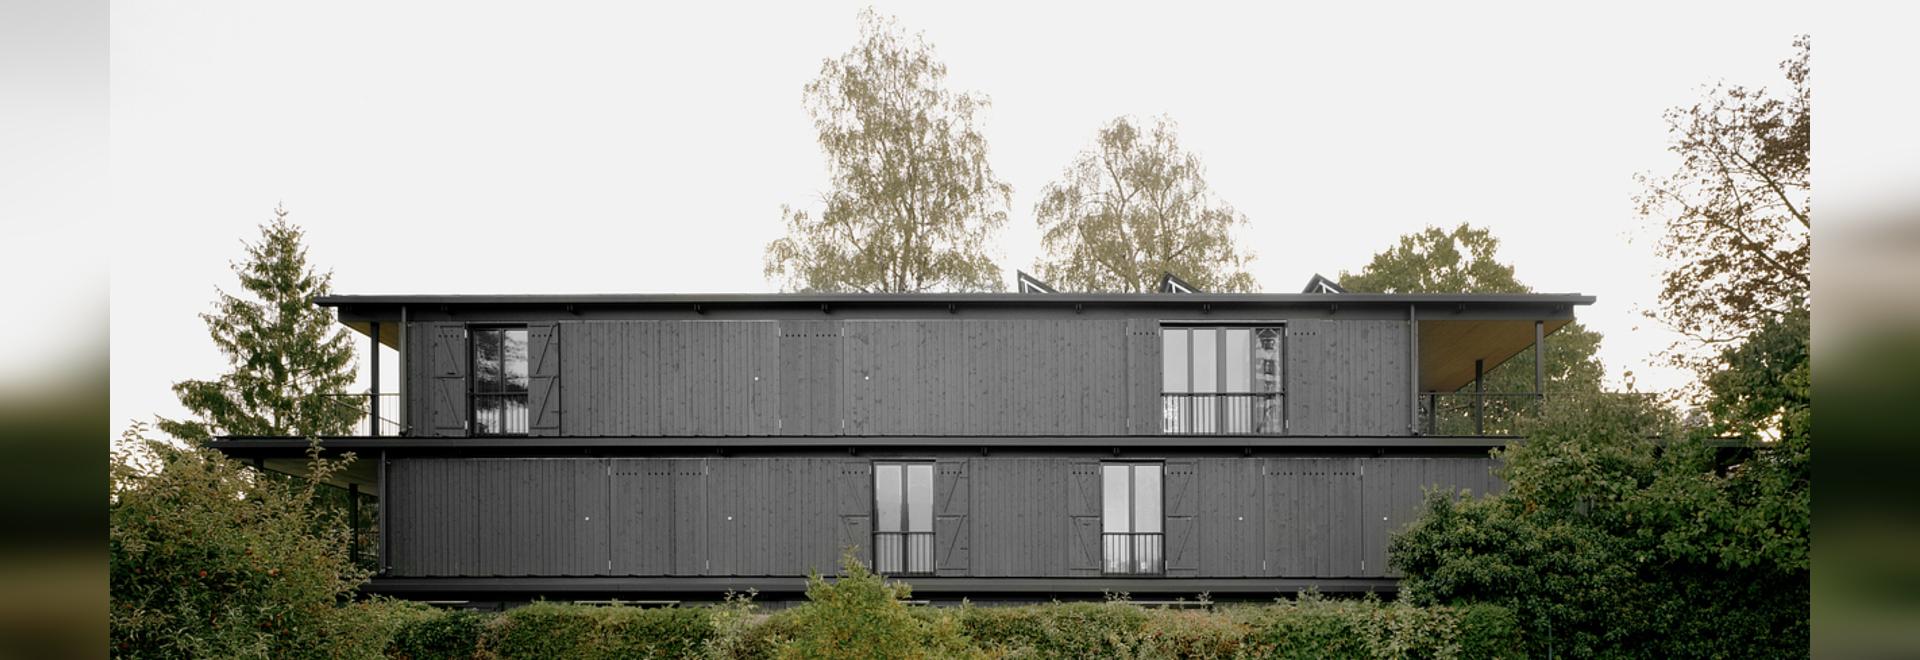 Residential Building Gatternweg / Felippi Wyssen Architects